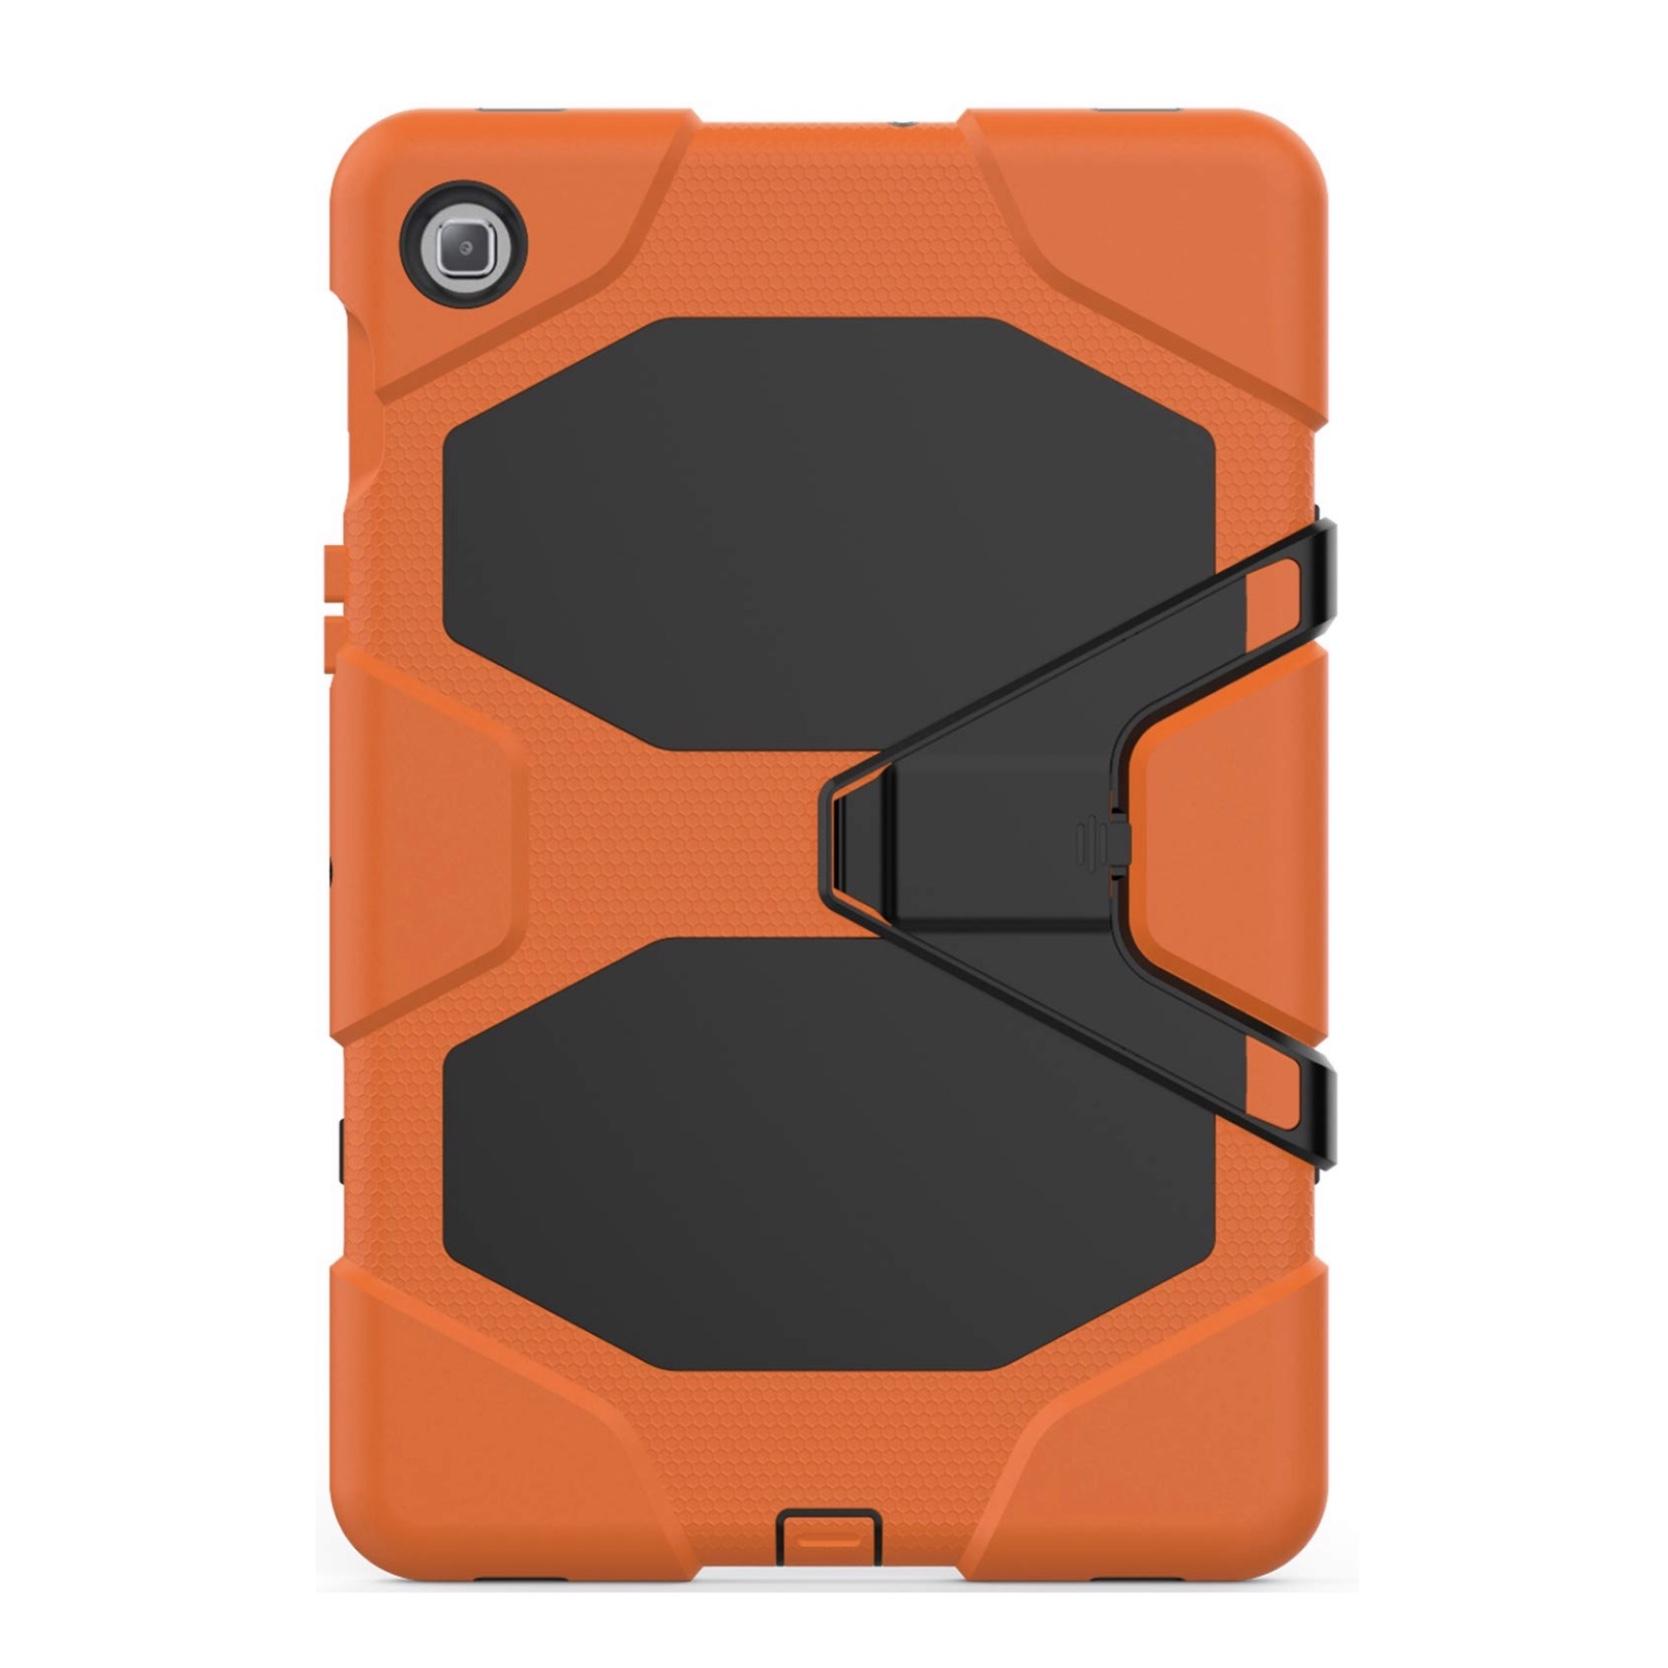 Pack 2 en 1 Coque renforcee et Verre de protection ecran Galaxy TAB S5e 10.5 pouces T720 Vegas ORANGE